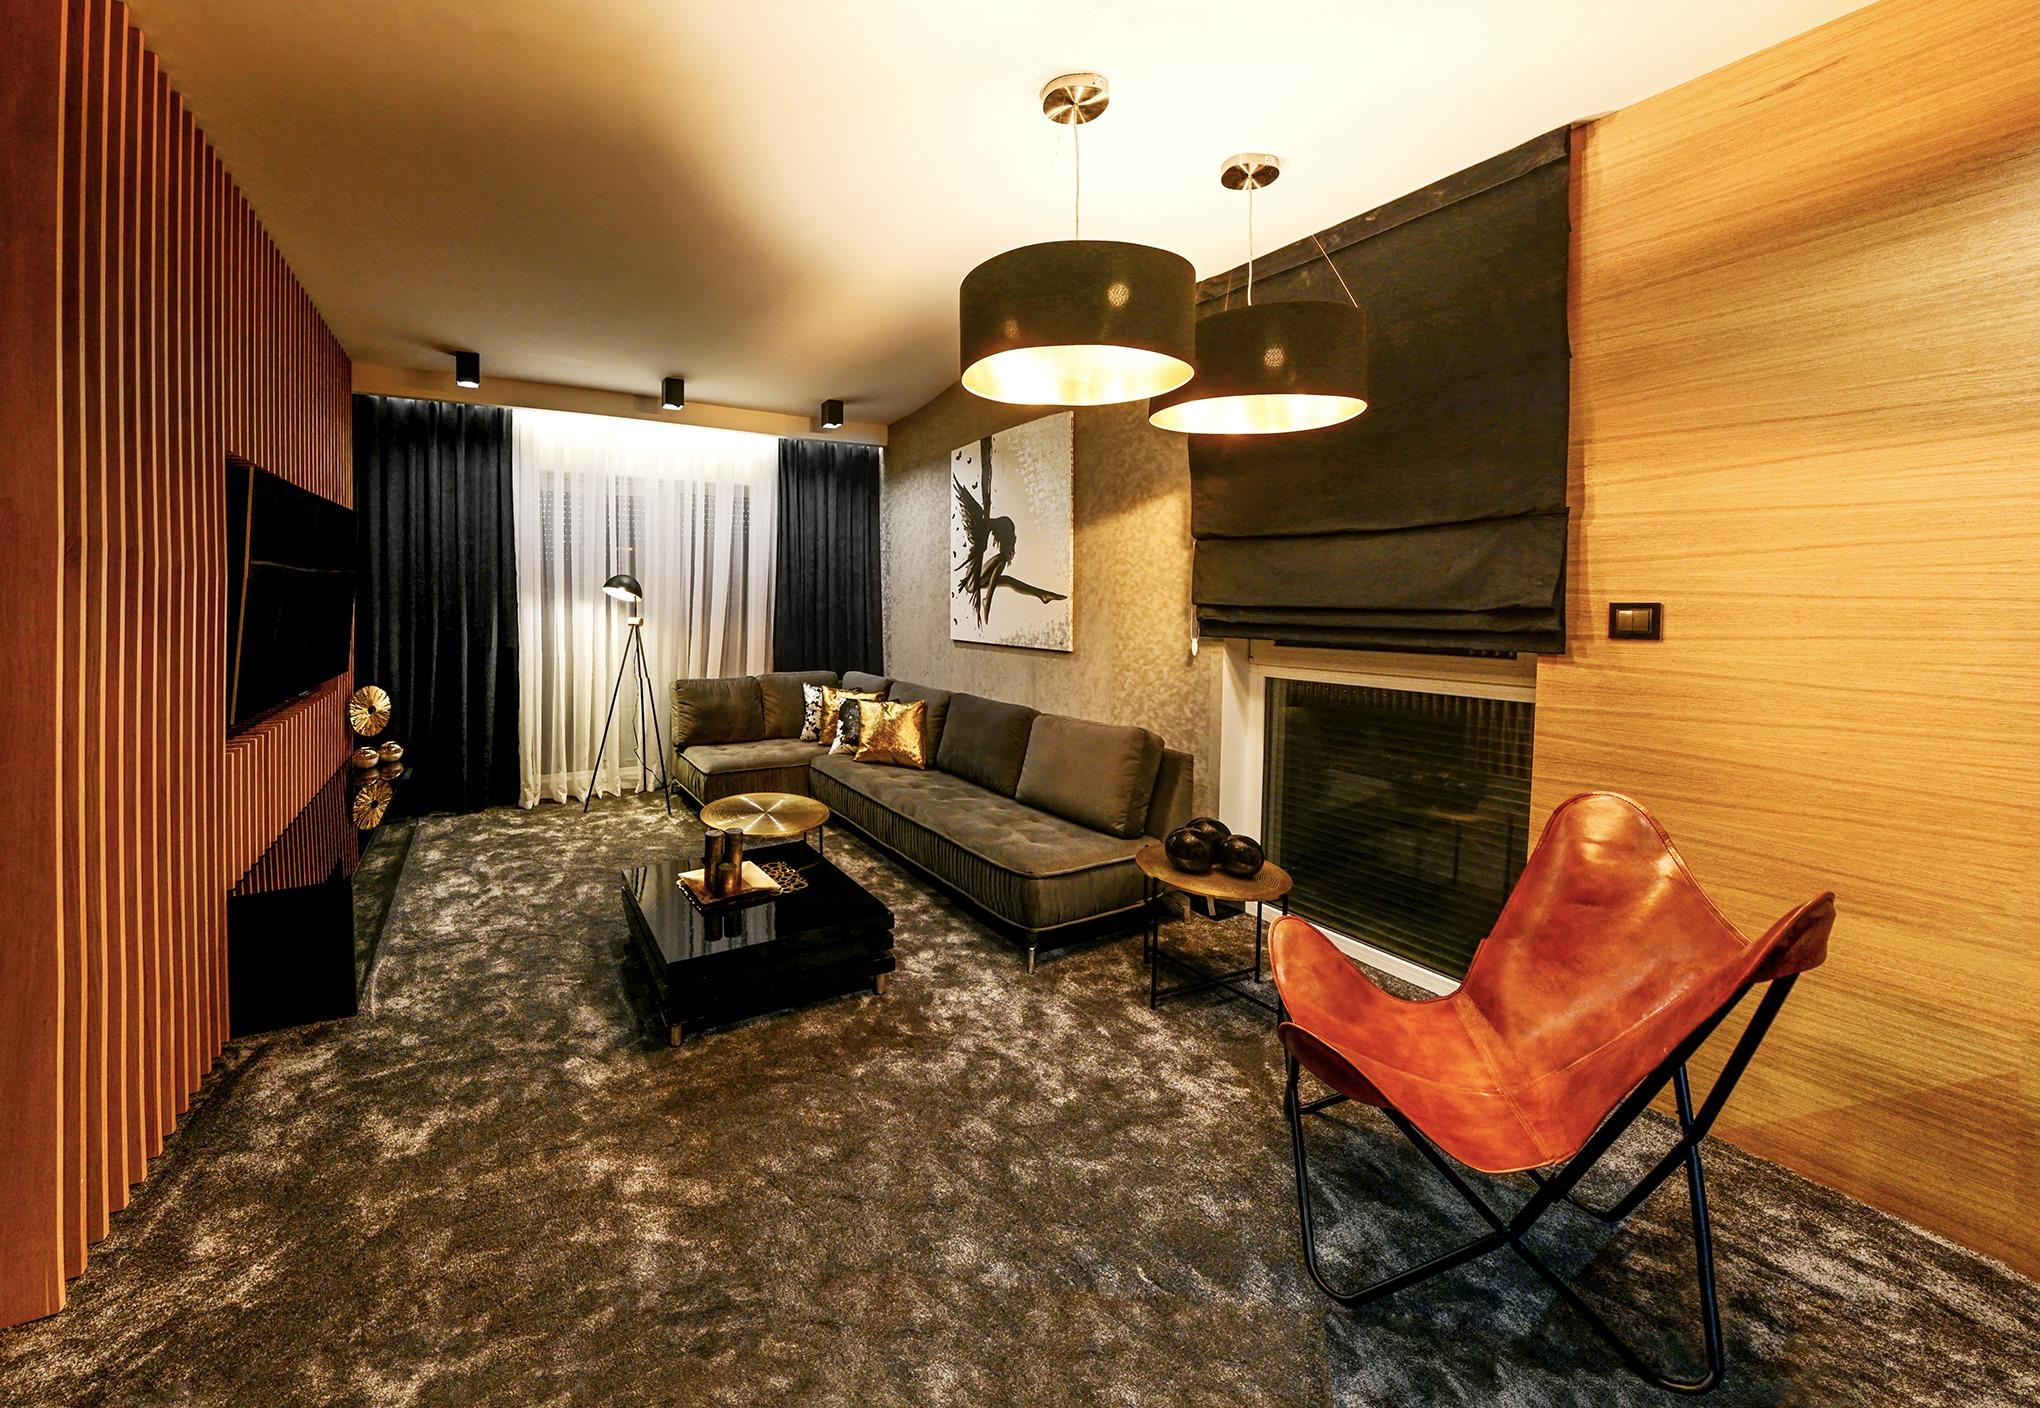 zdjęcia mieszkania fotograf Piła